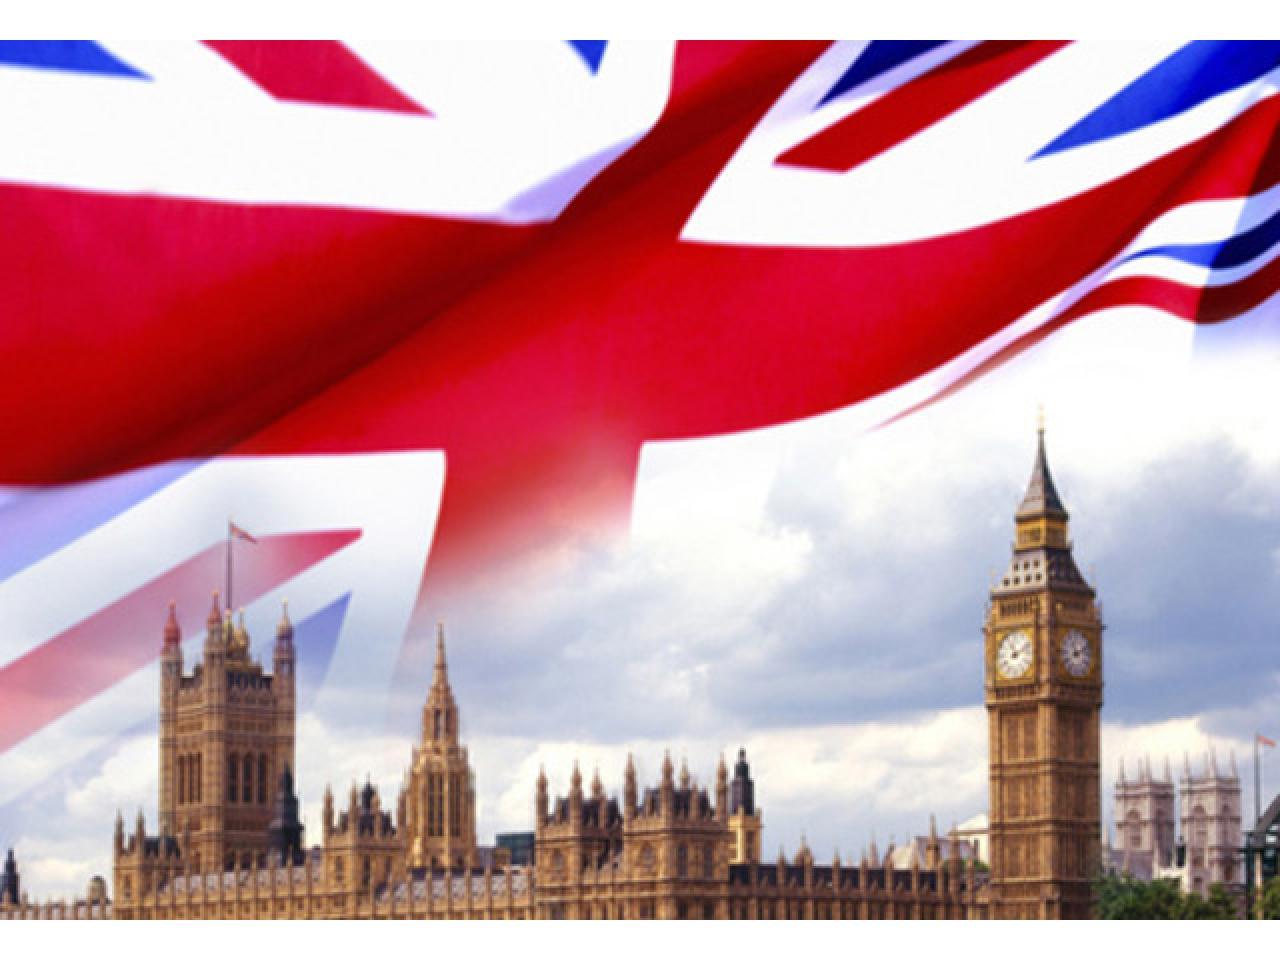 Обучение в Лондоне - получите высшее образование бесплатно - 1